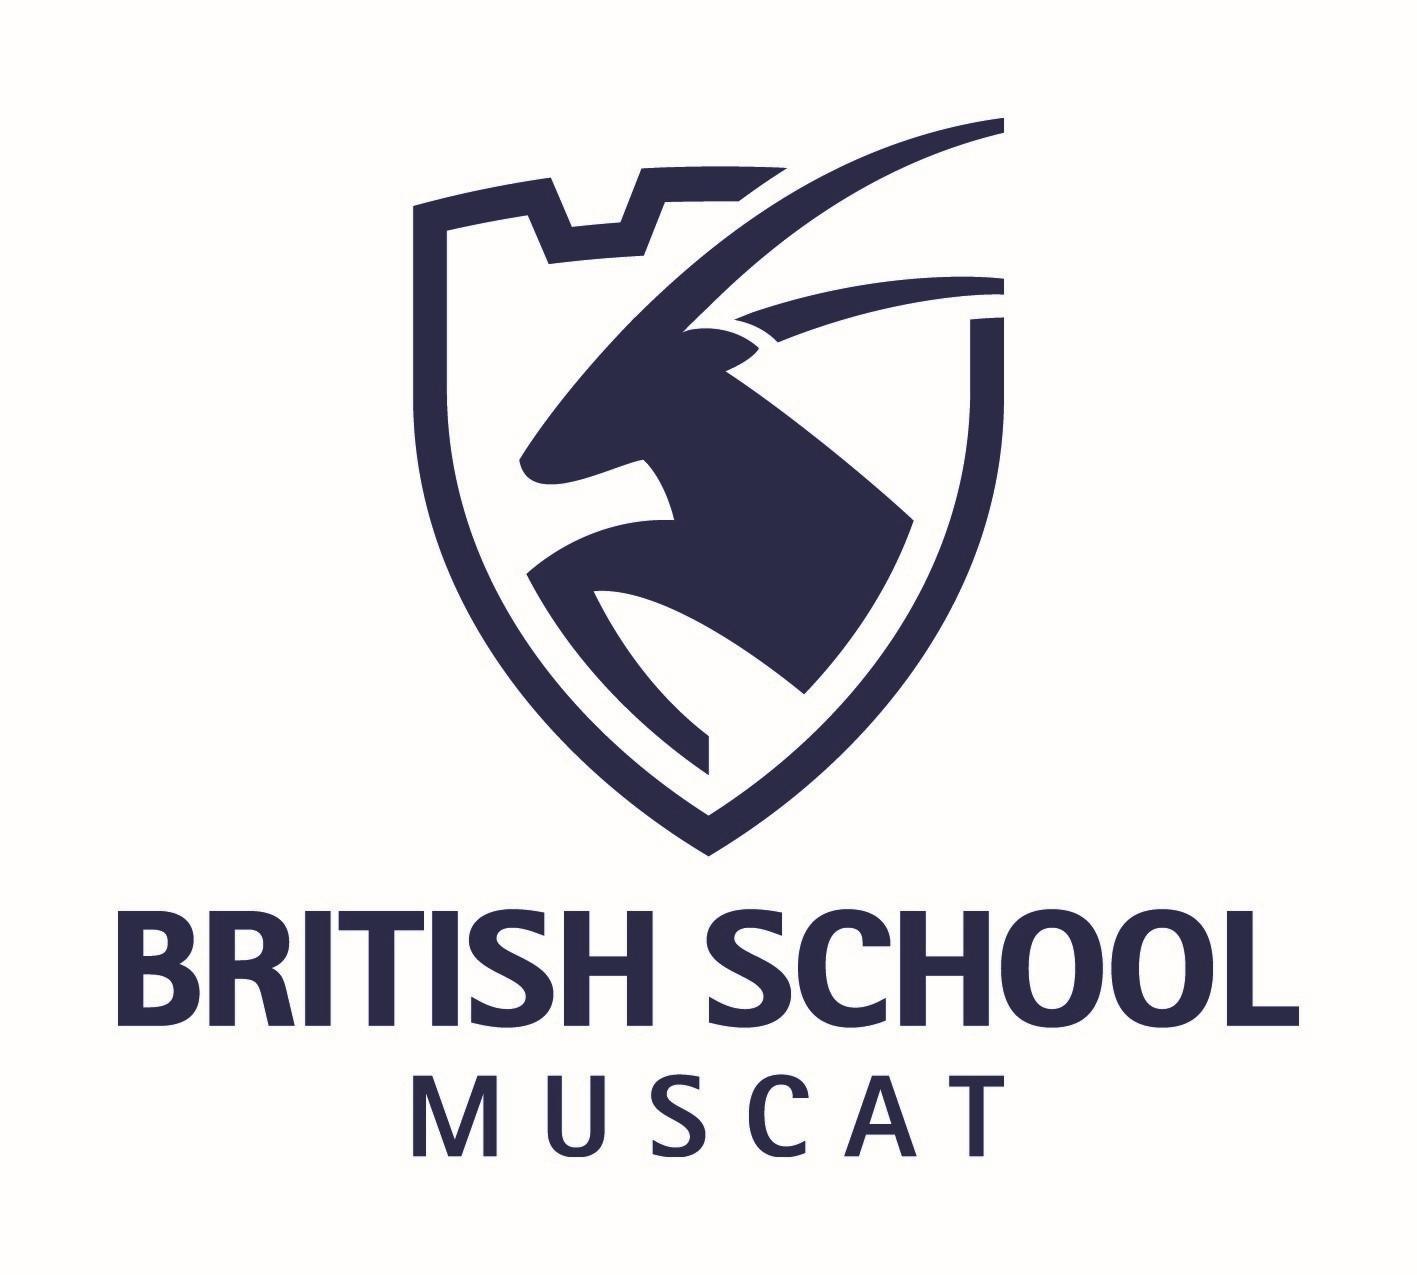 British School Muscat